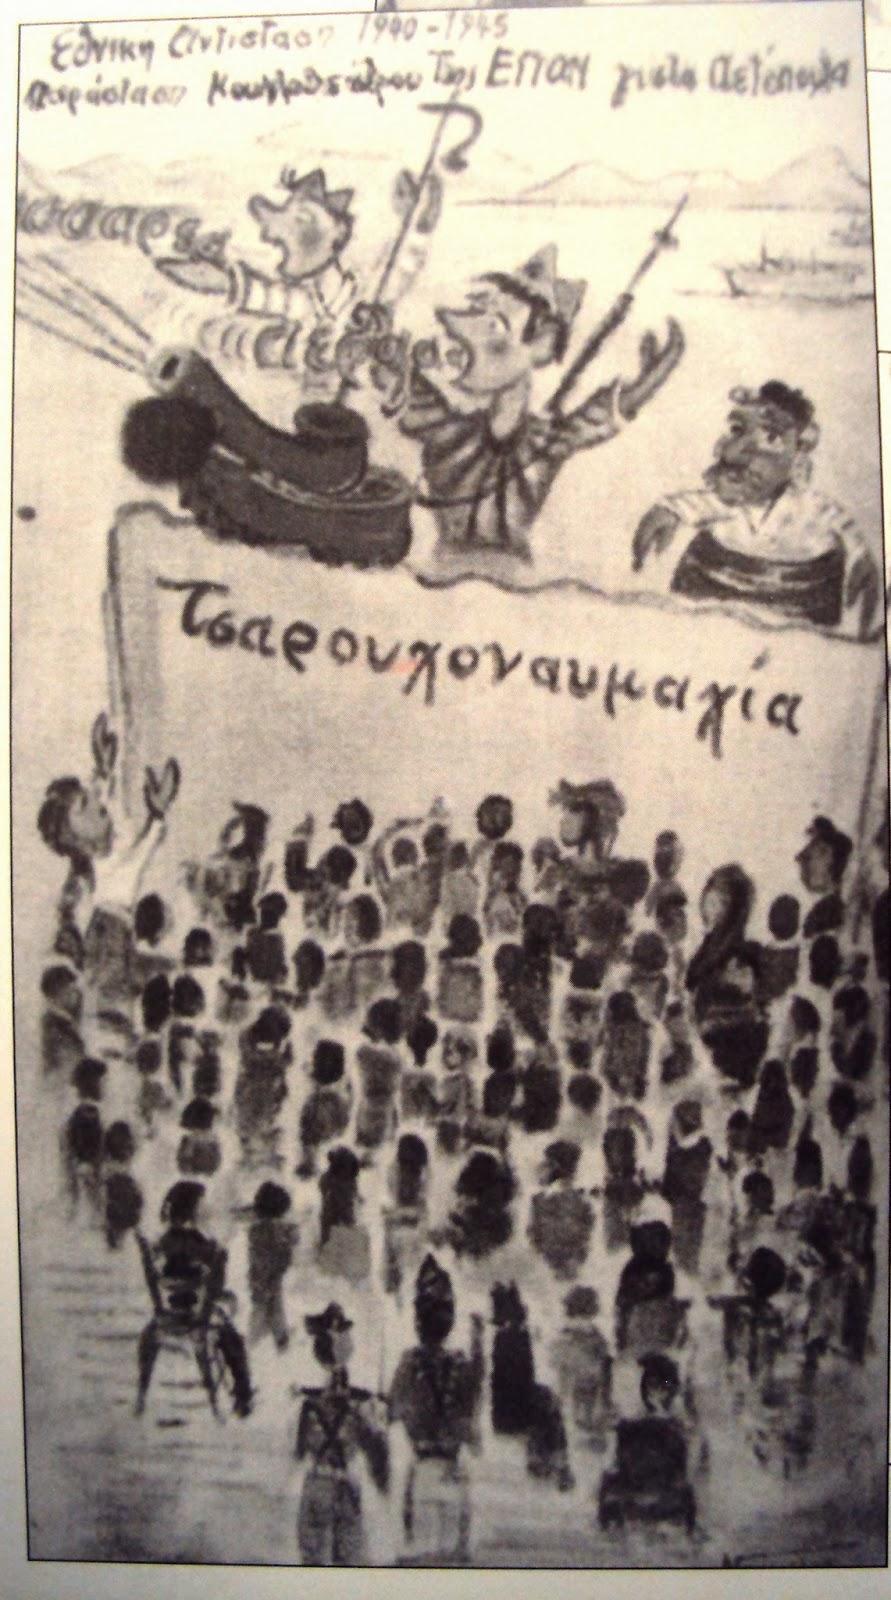 Νίκος Ακίλογλου - Αφίσα για την παράσταση μαριονετών Τσαρουχοναυμαχία του Νίκου Ακίλογλου για τα αετόπουλα - DSC00368